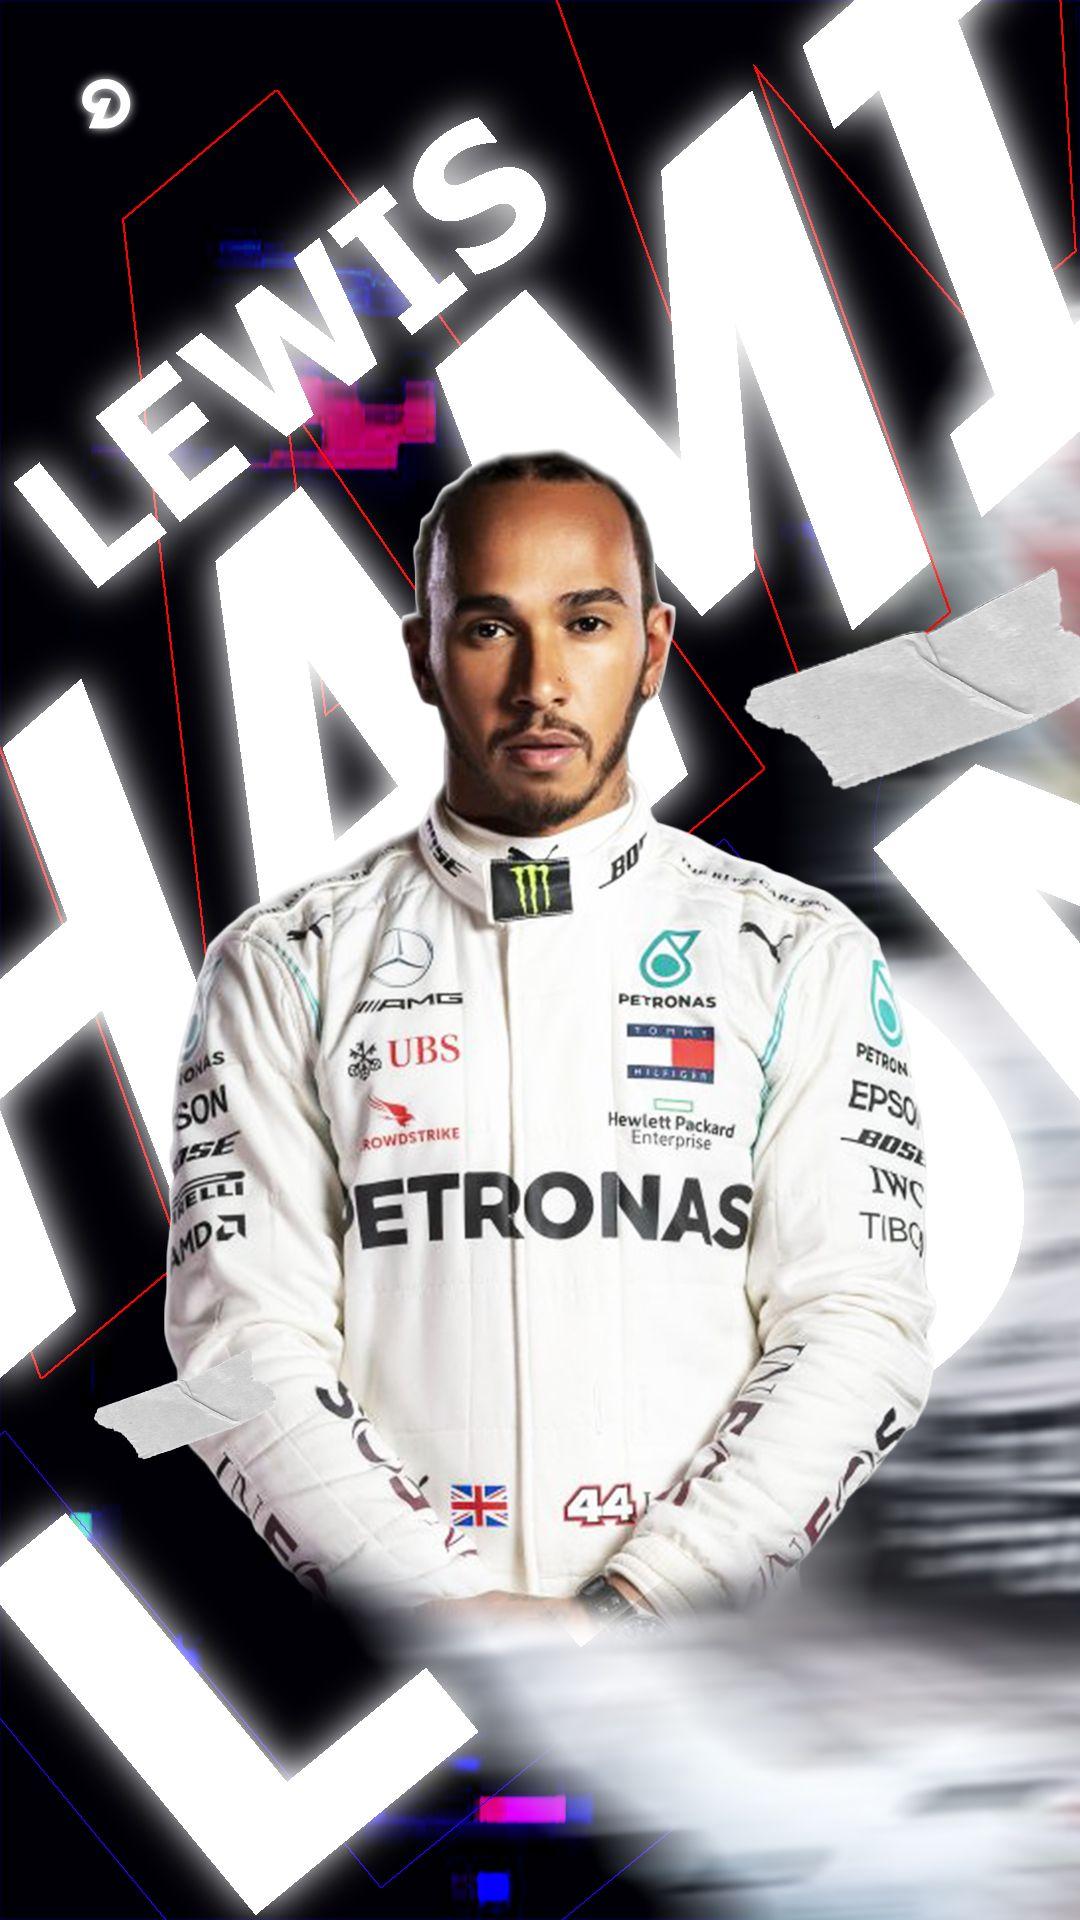 Lewis Hamilton wallpaper 🤩 in 2020 Lewis hamilton